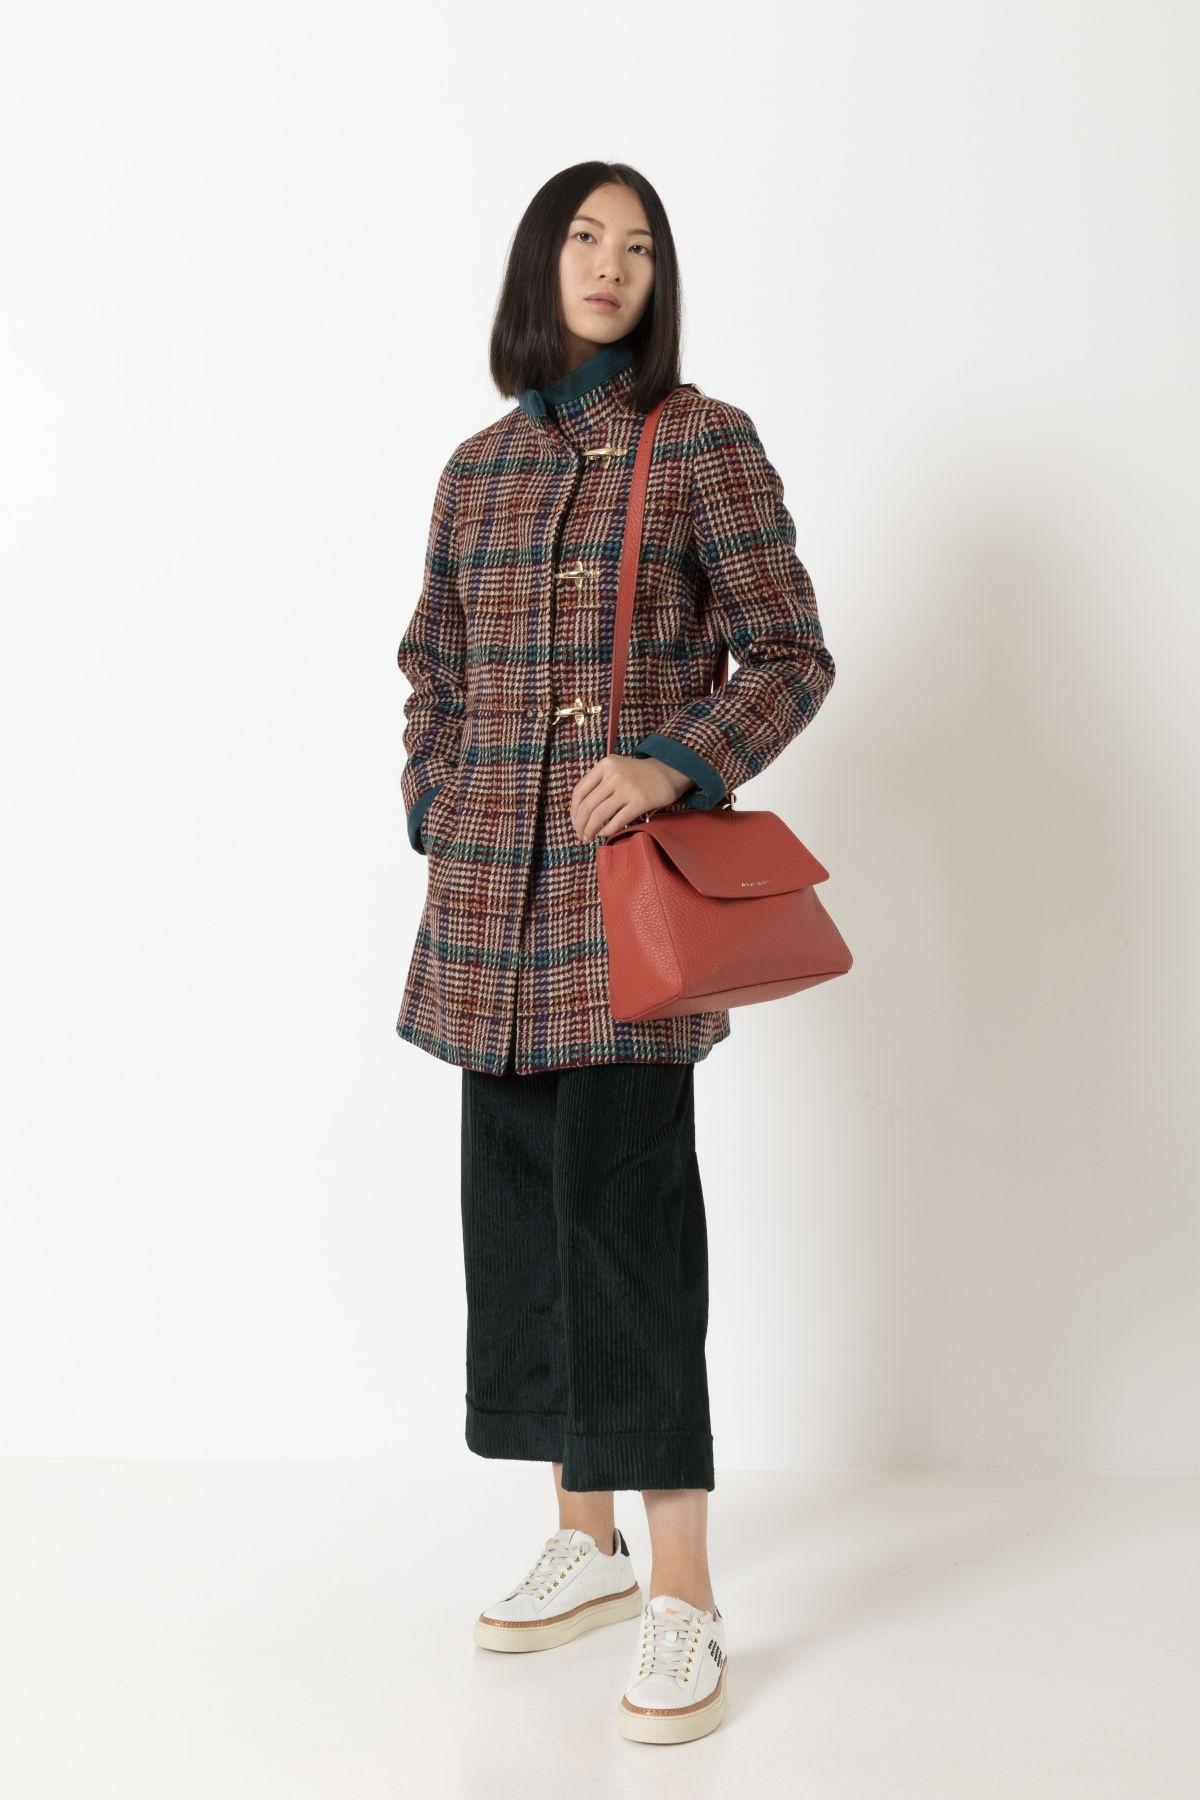 Cappotto VIRGINIA per donna FAY A/I 20-21